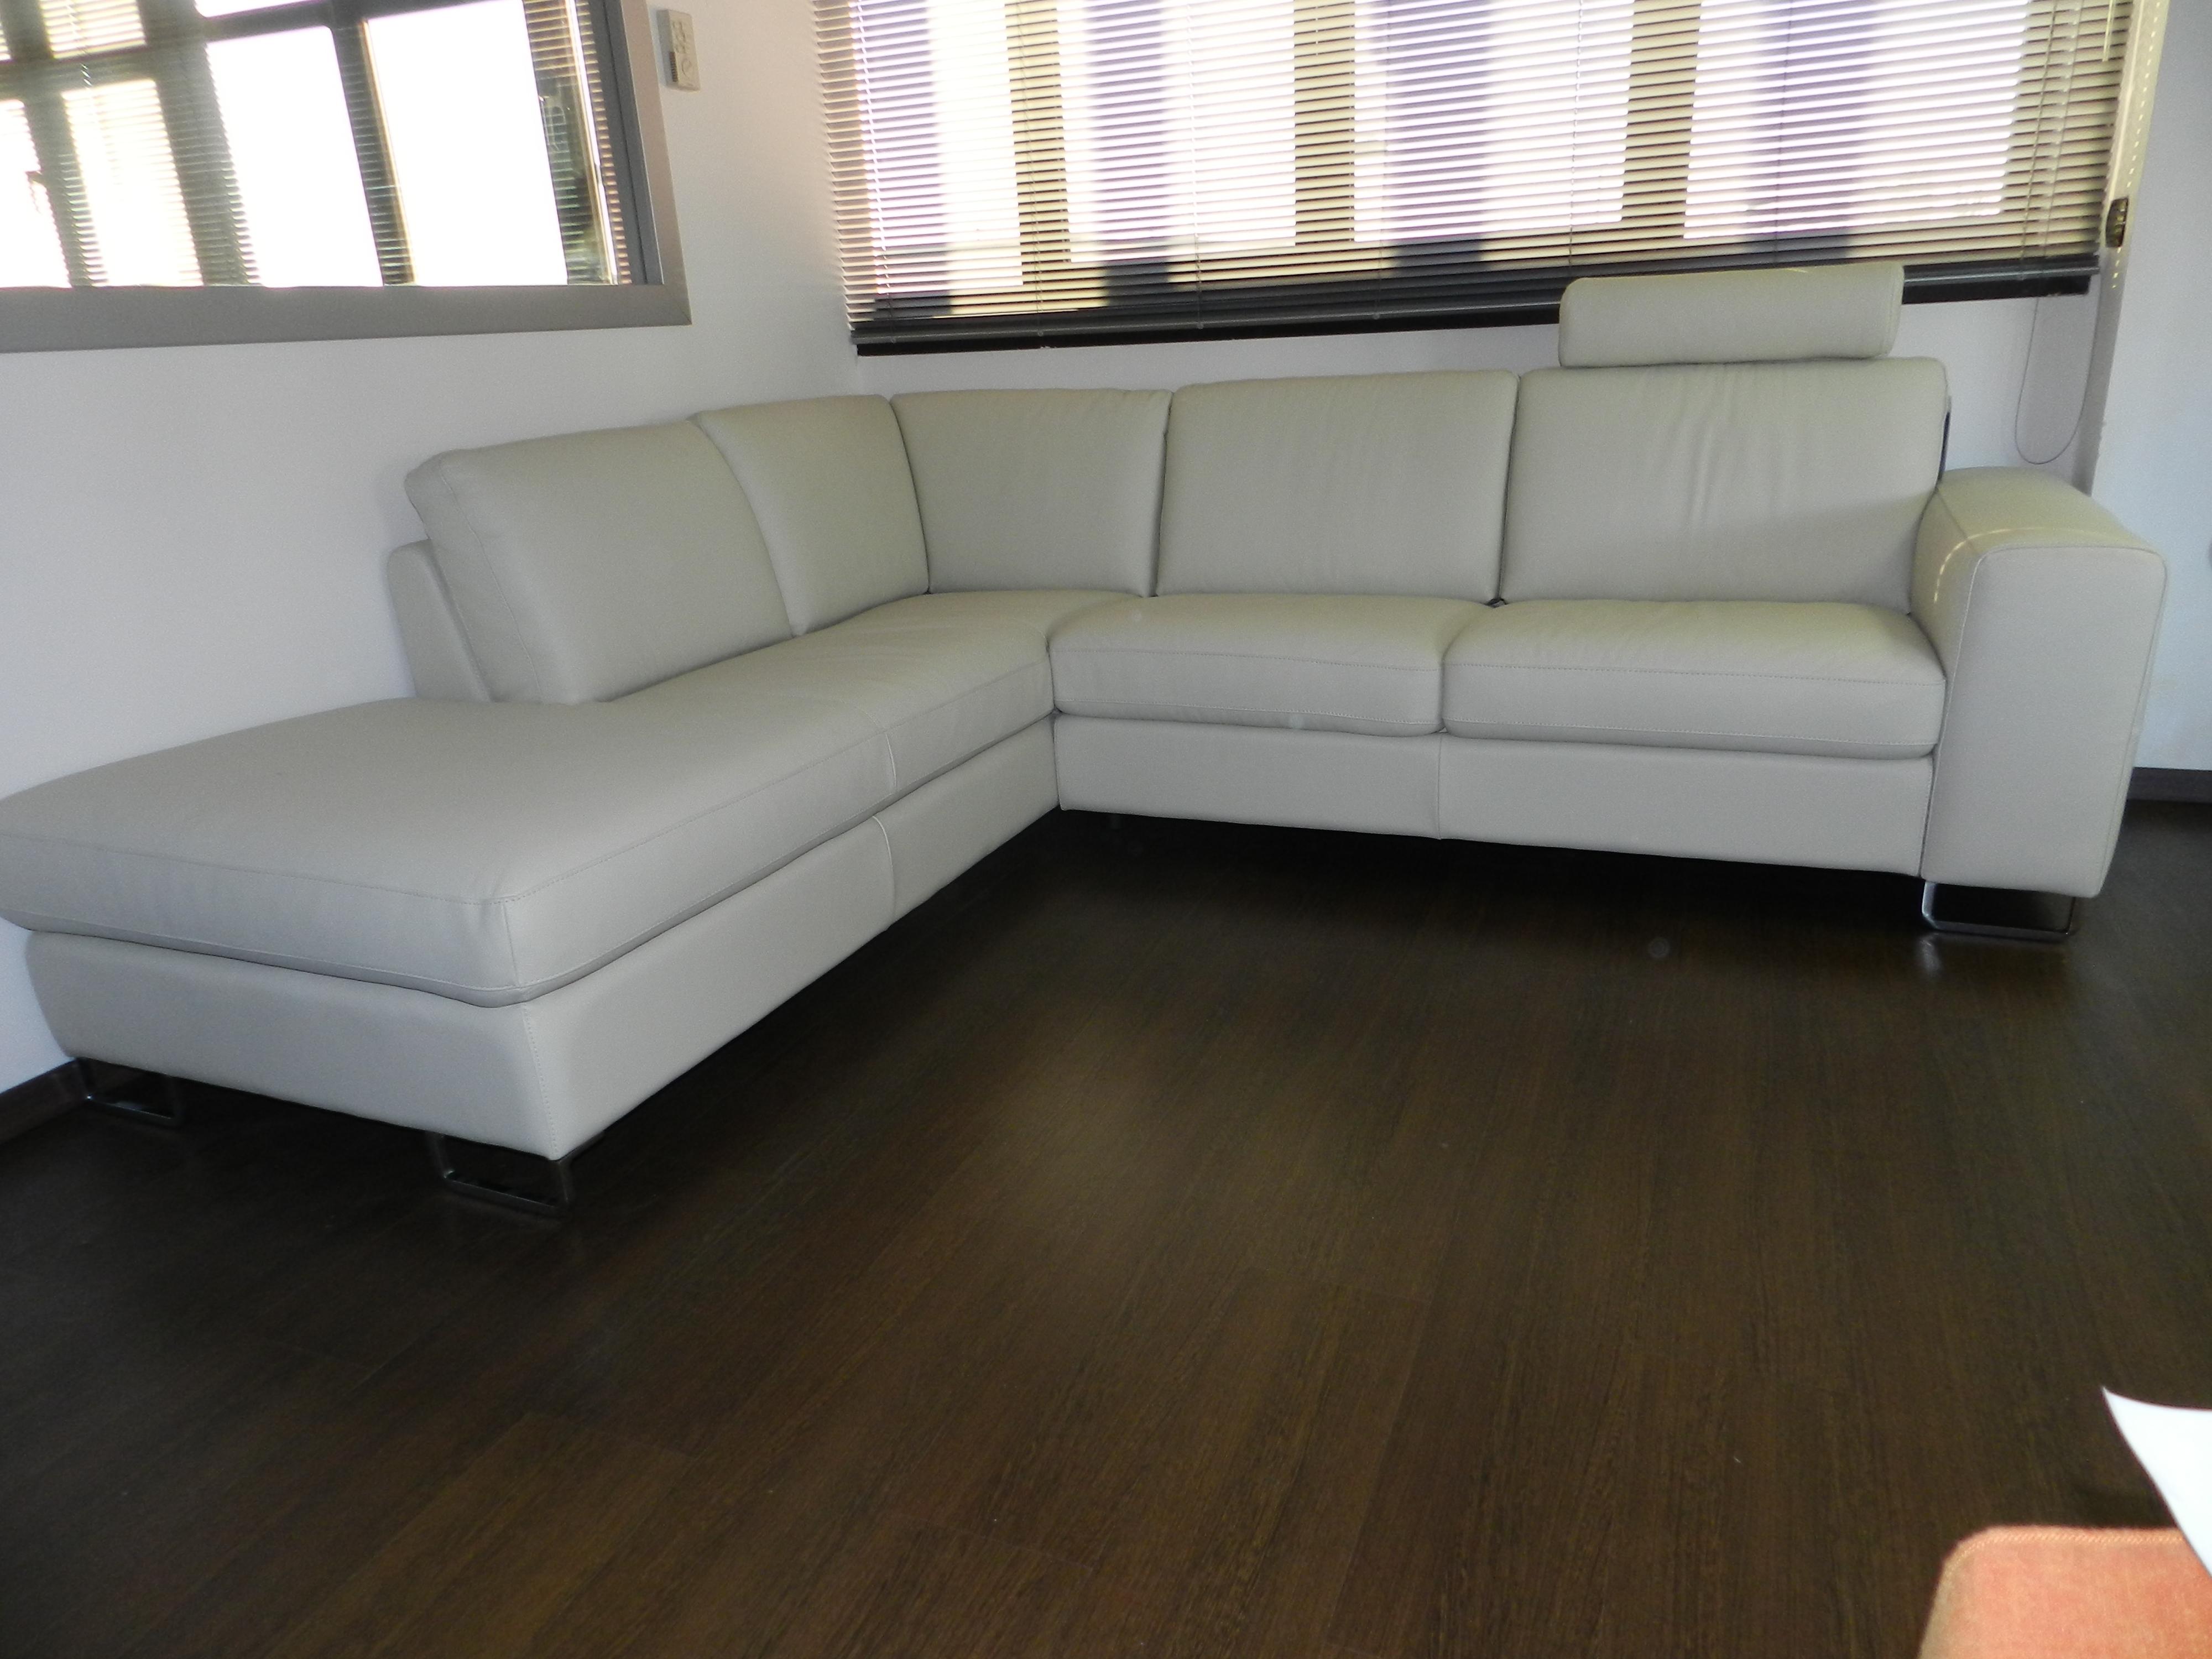 Divani Di Pelle : Divano doimo sofas richy pelle divani a prezzi